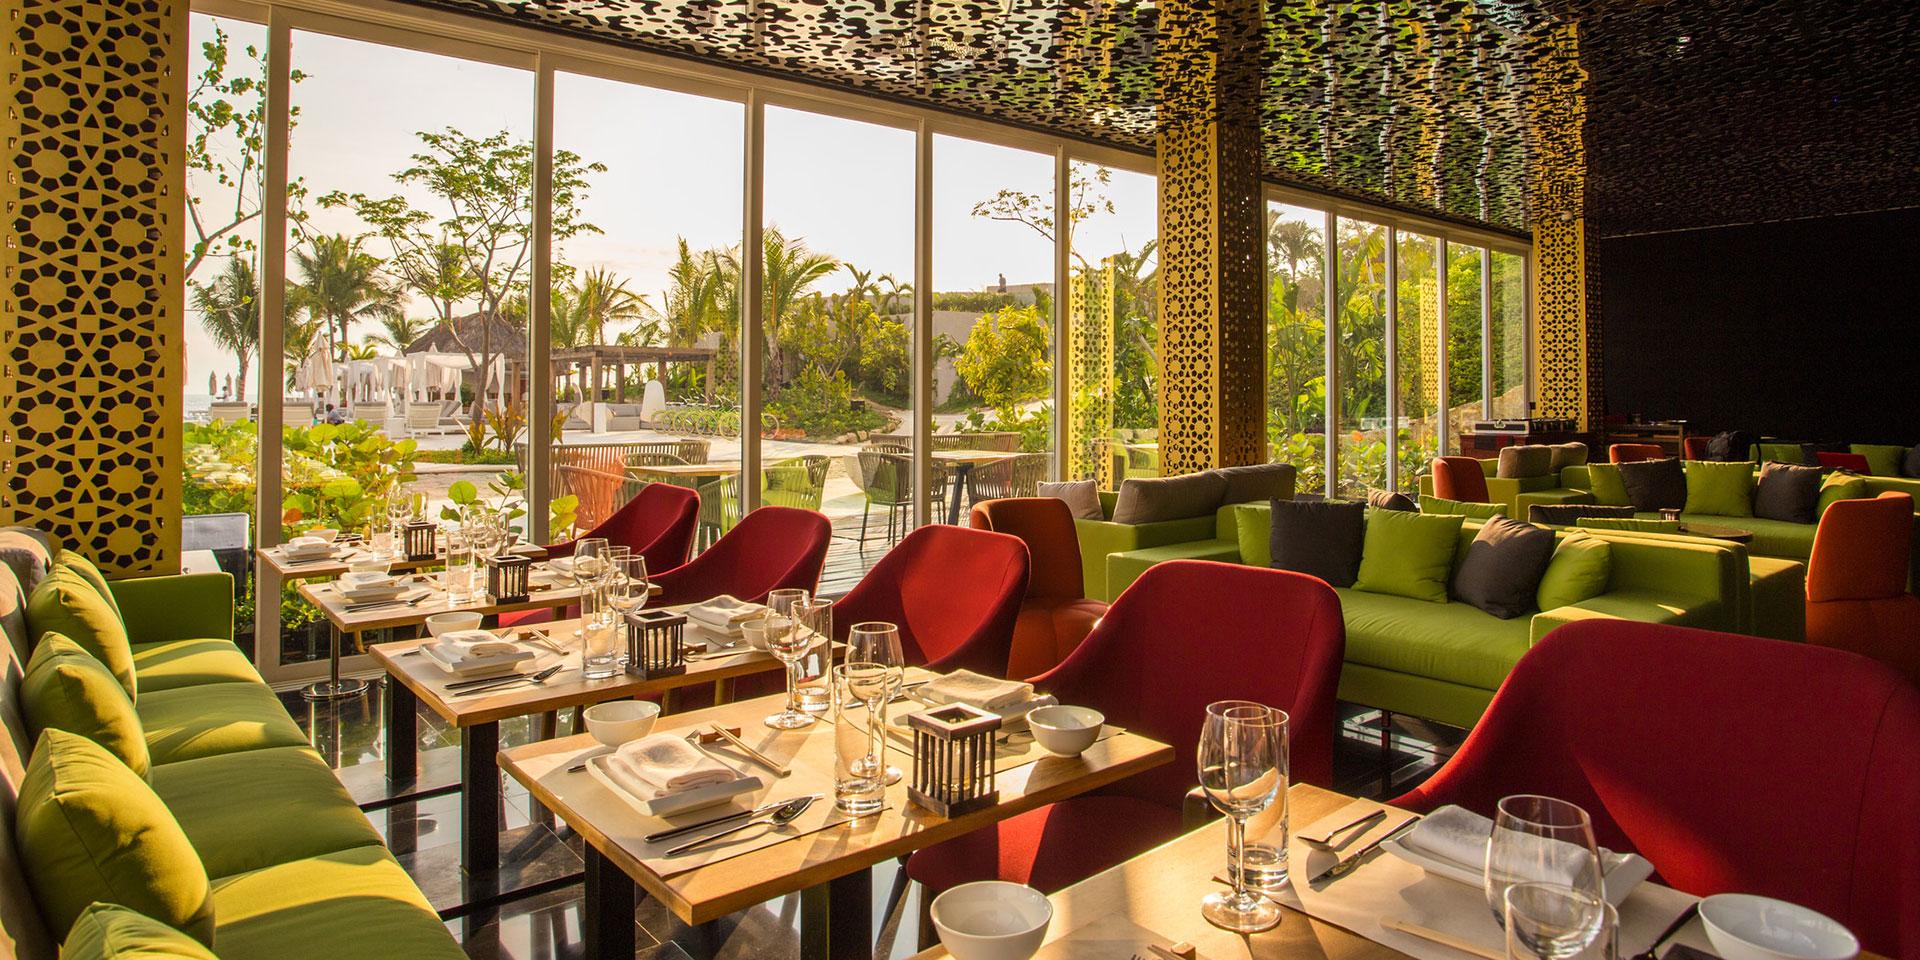 MARRIOTT TRAVELER - Los 6 Mejores Restaurantes en Punta de Mita para unas Vacaciones Completas     Photo credit: Marriott Traveler